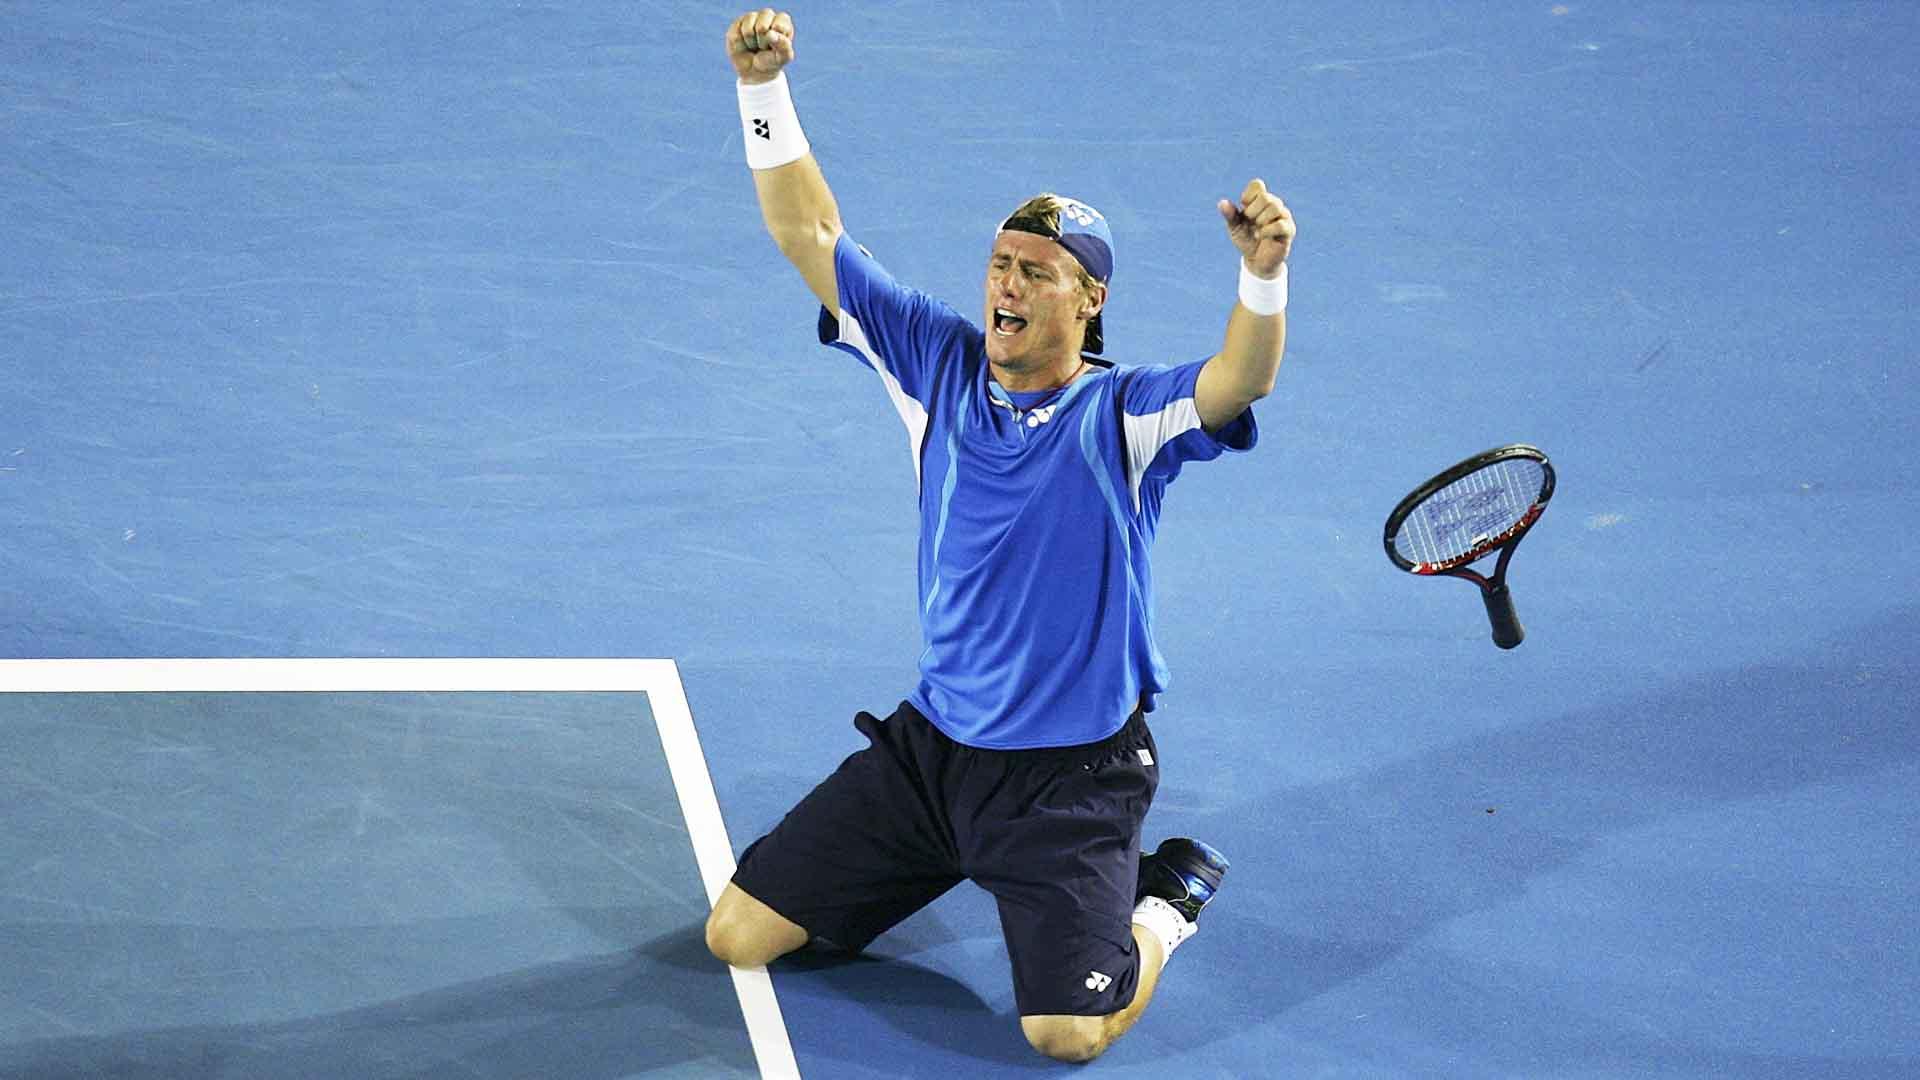 <a href='/en/players/lleyton-hewitt/h432/overview'>Lleyton Hewitt</a> beats <a href='/en/players/marcos-baghdatis/b837/overview'>Marcos Baghdatis</a> in five sets at the <a href='/en/tournaments/australian-open/580/overview'>Australian Open</a> in 2008.